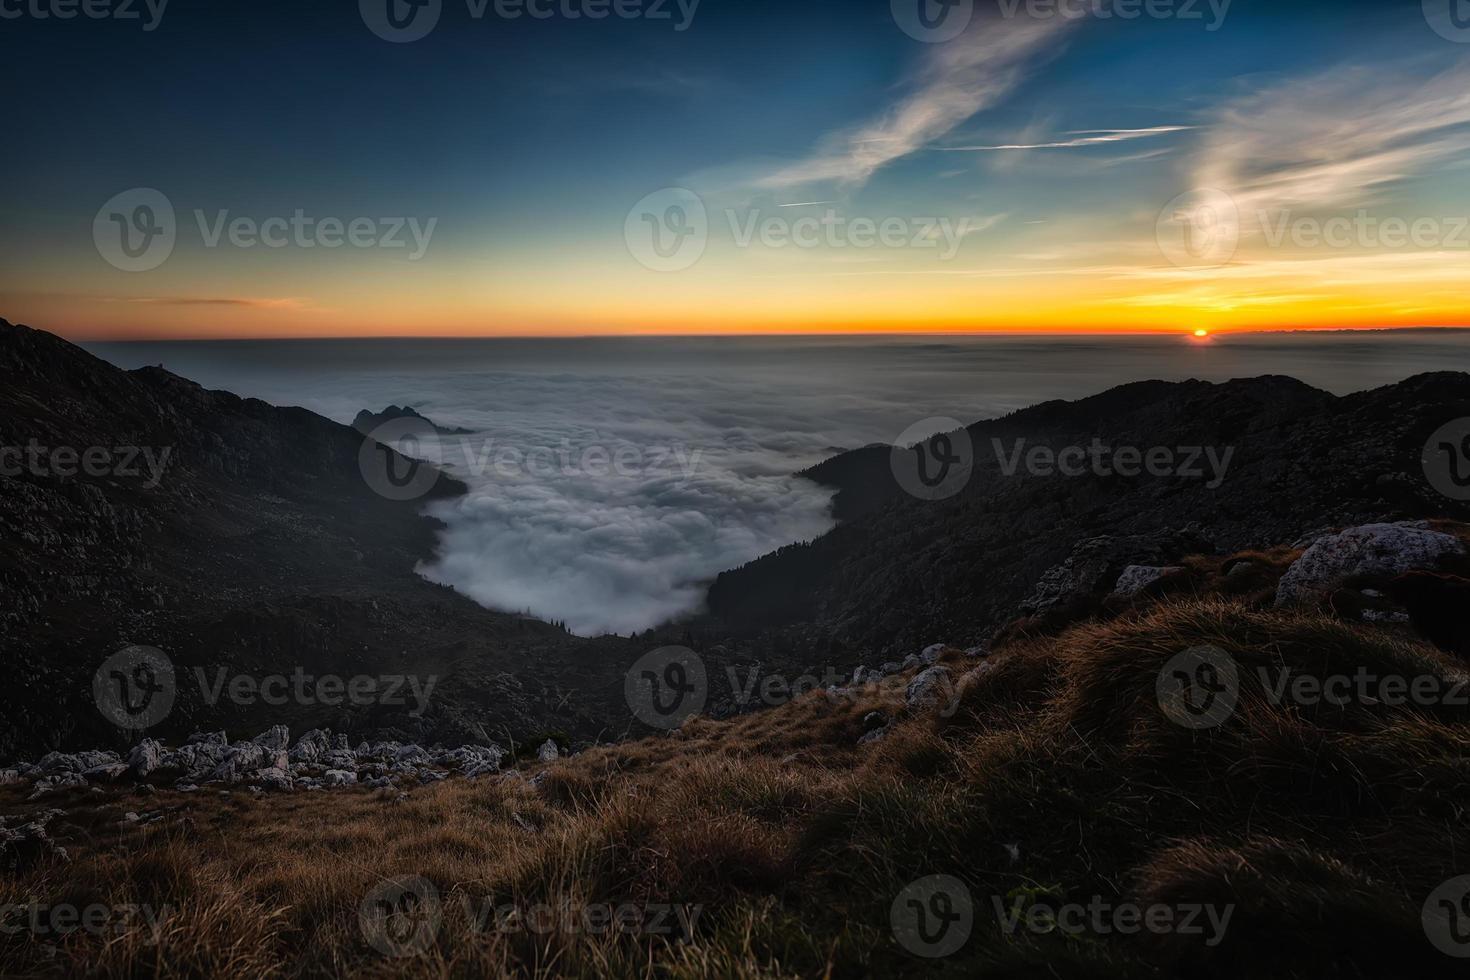 tramonto in montagna con il mare di nuvole basse foto